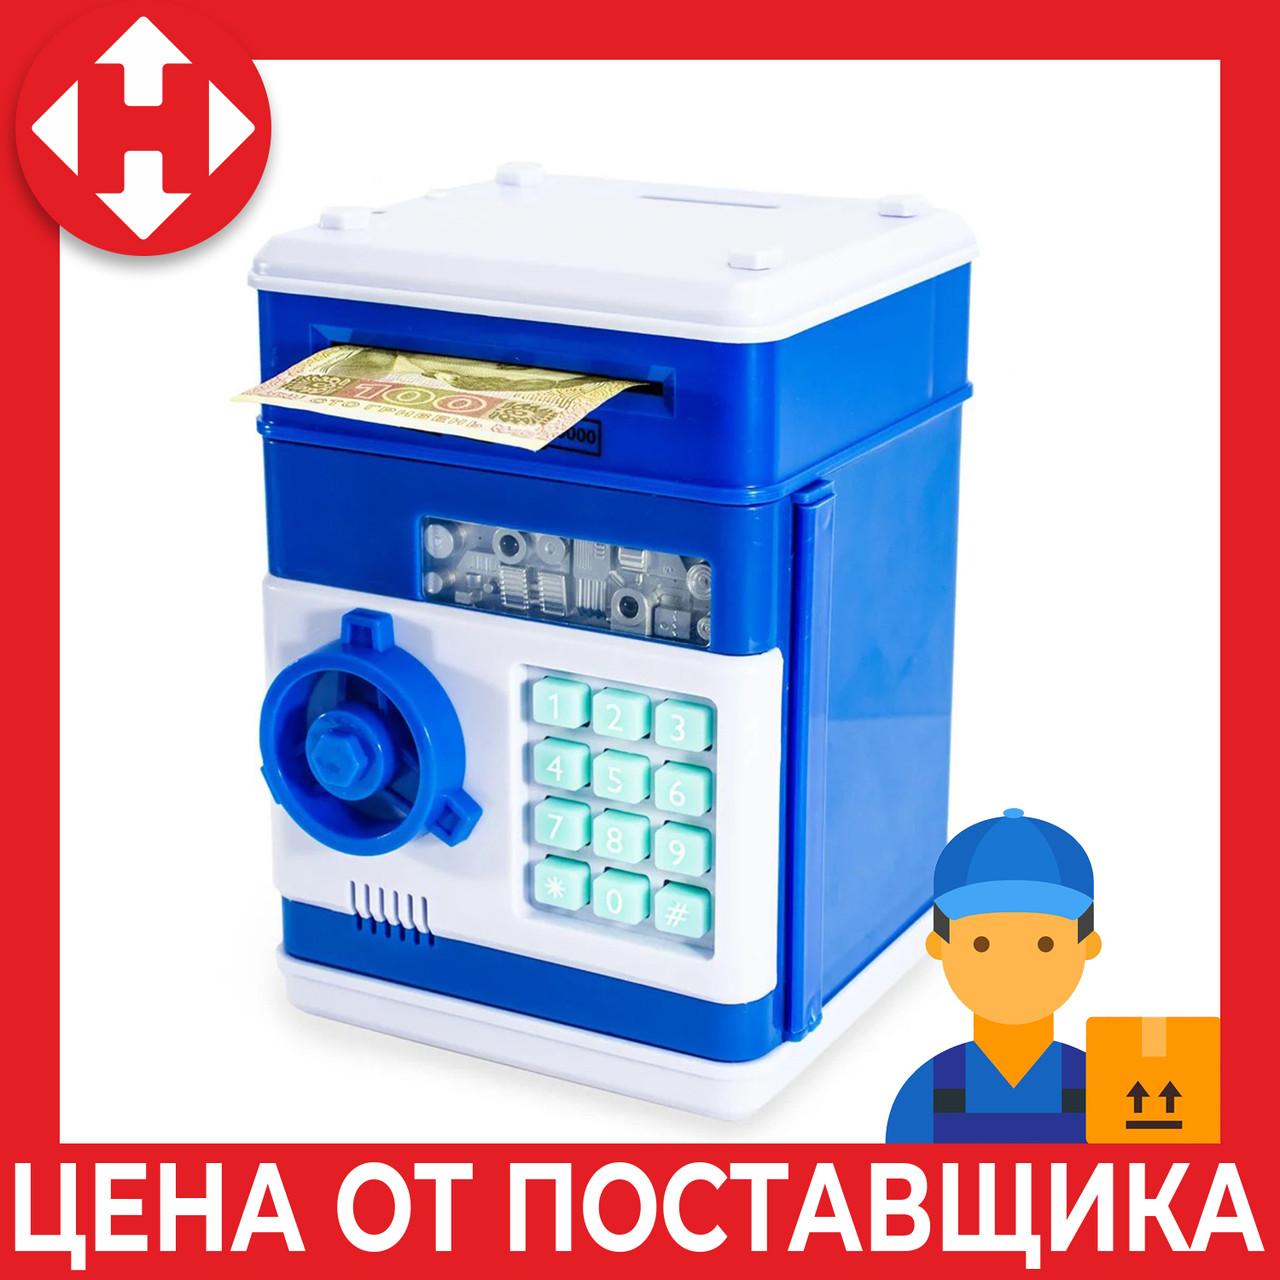 Распродажа! Детский сейф (синий корпус, круглая синяя ручка, бирюзовые кнопки) копилка детская с кодом